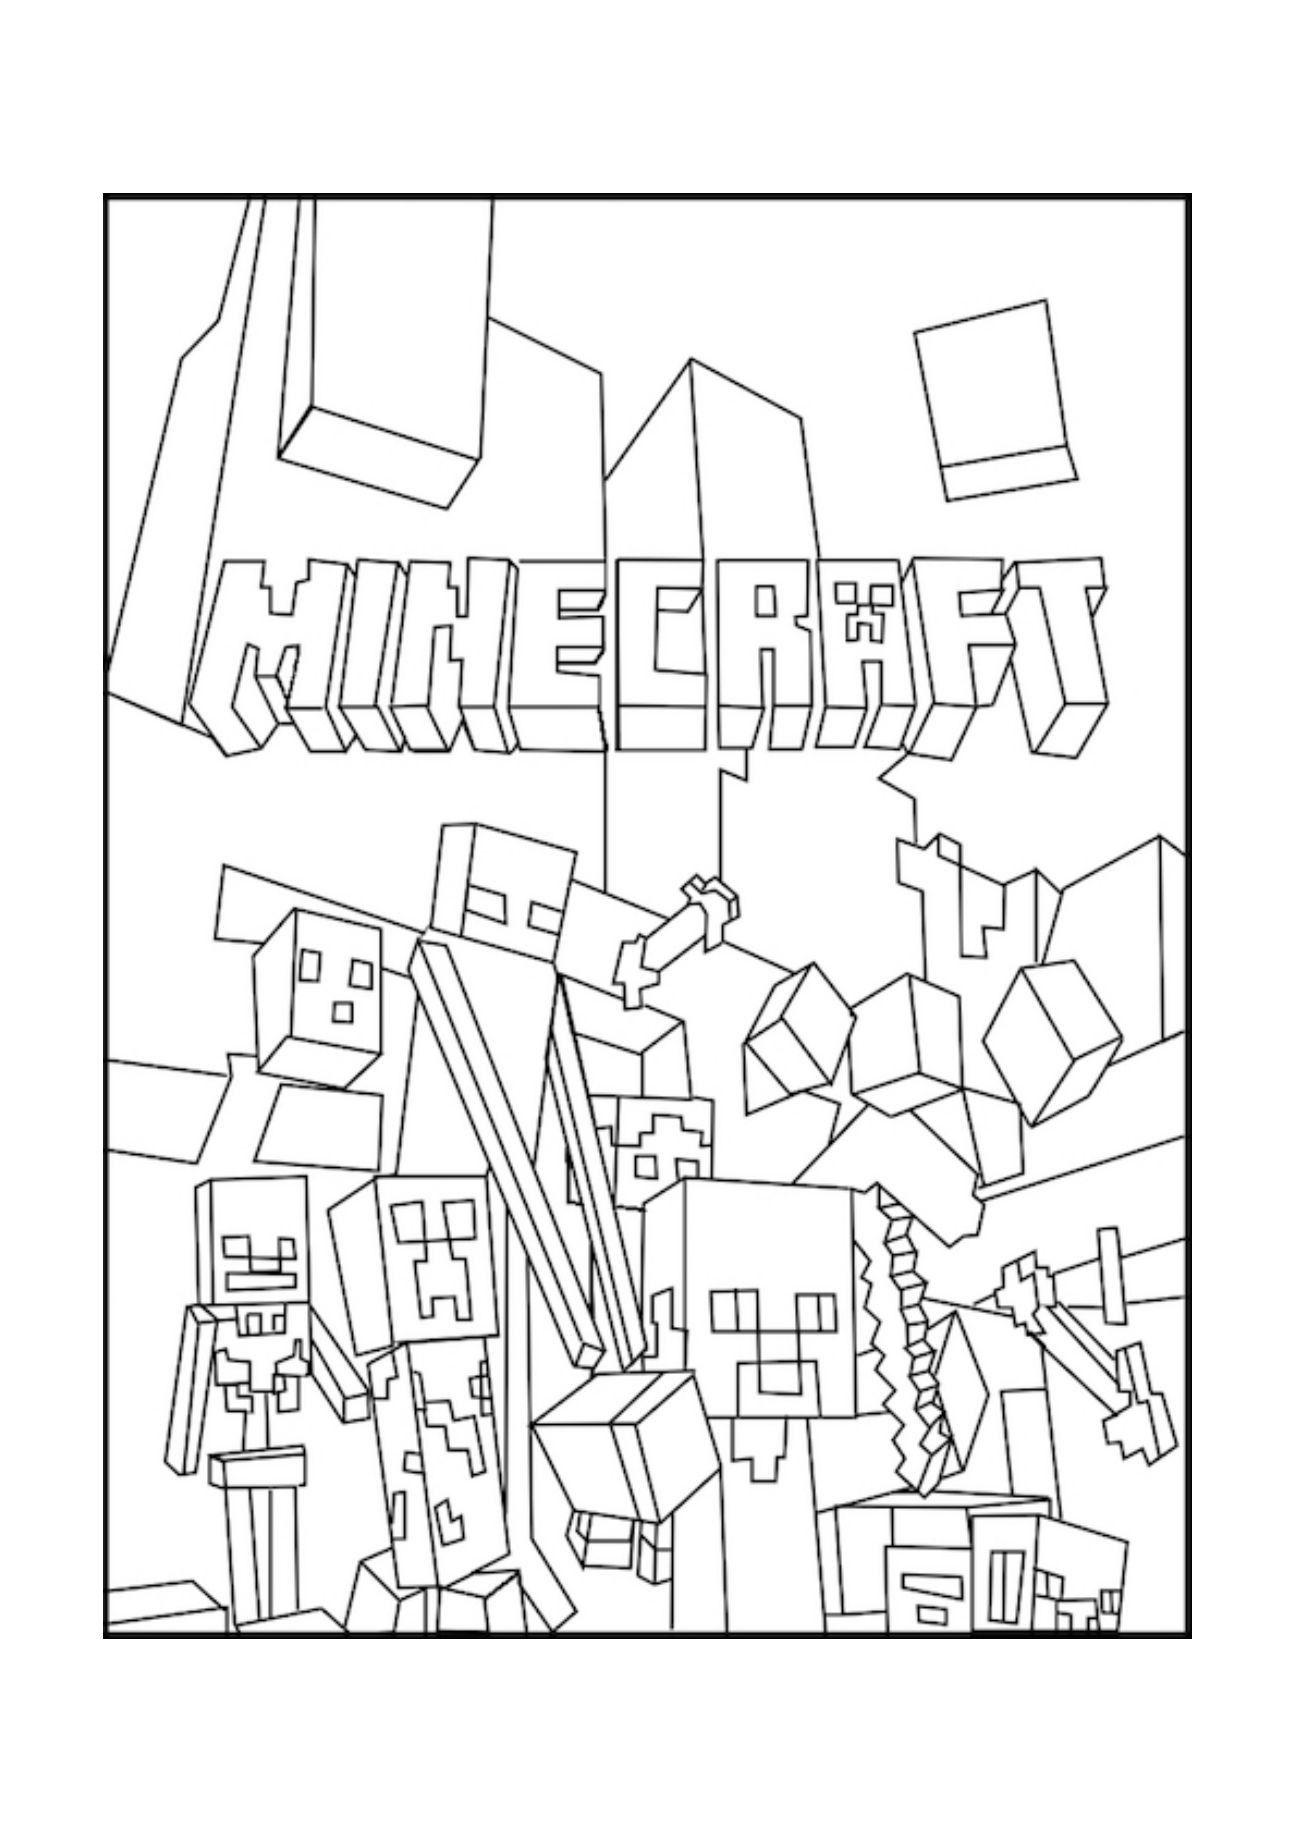 Minecraft Hoe Coloring Page Youngandtae Com Di 2020 Halaman Mewarnai Buku Mewarnai Lembar Mewarnai